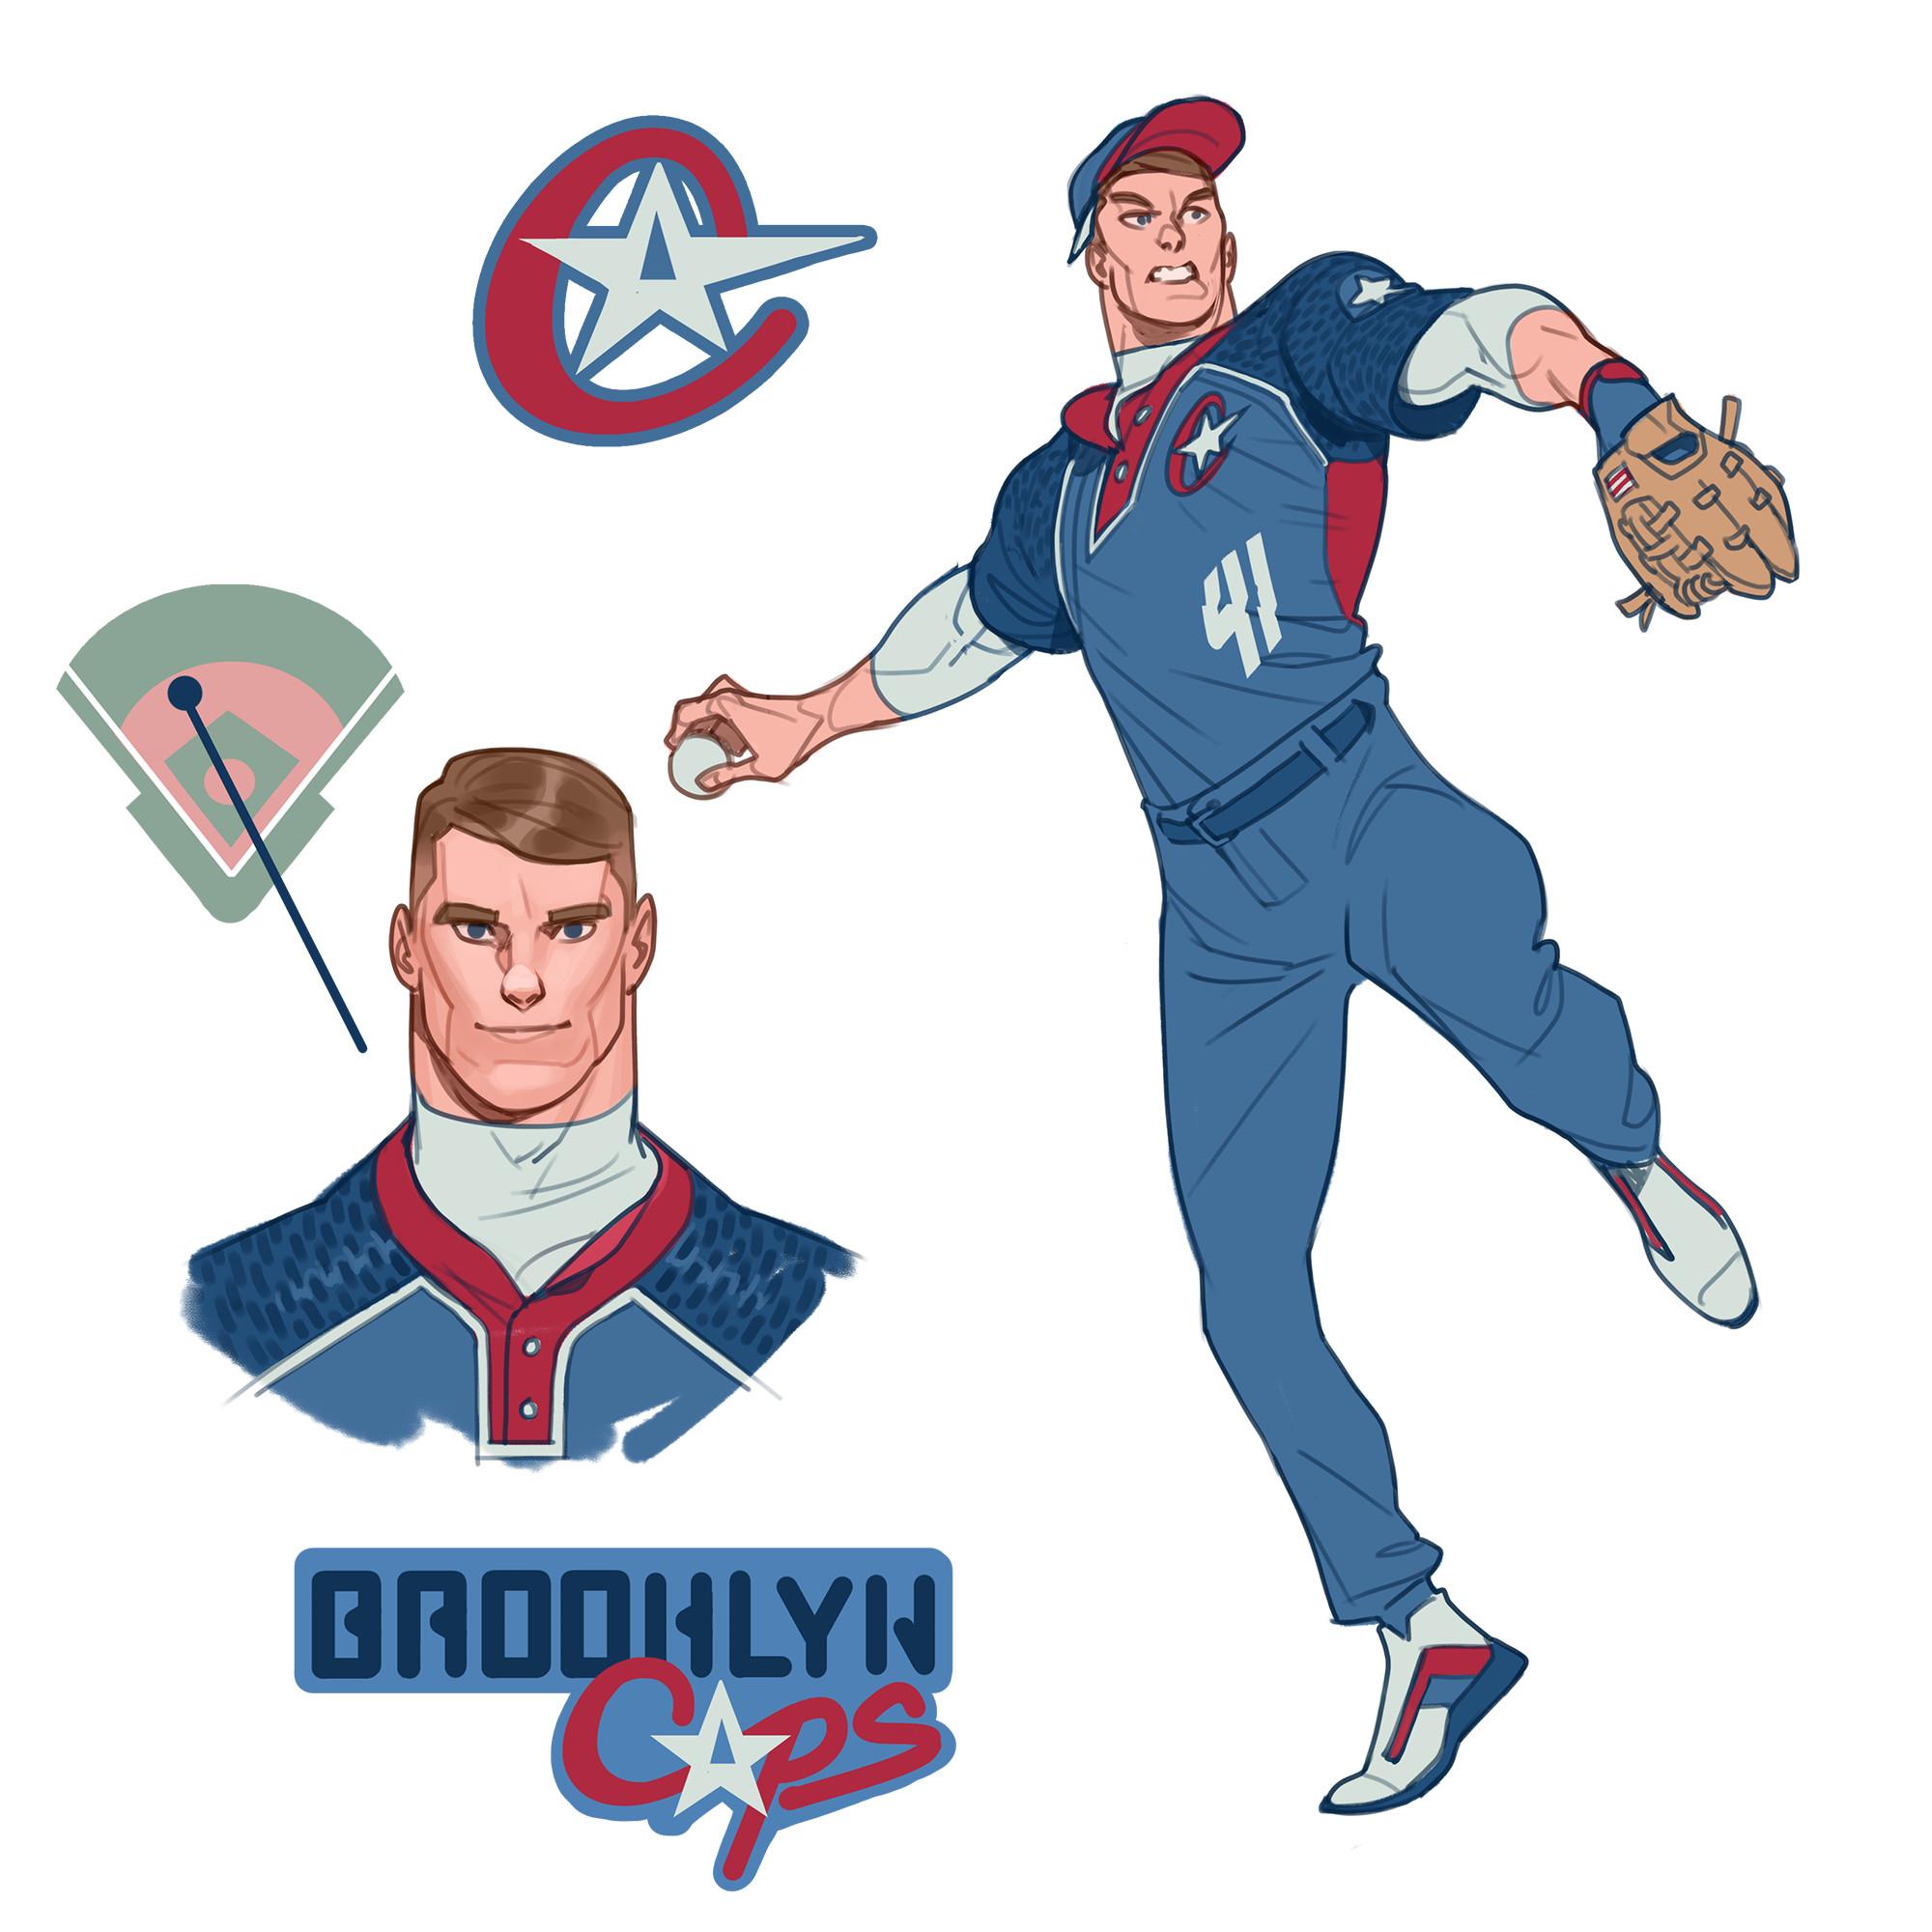 The Brooklyn Caps!